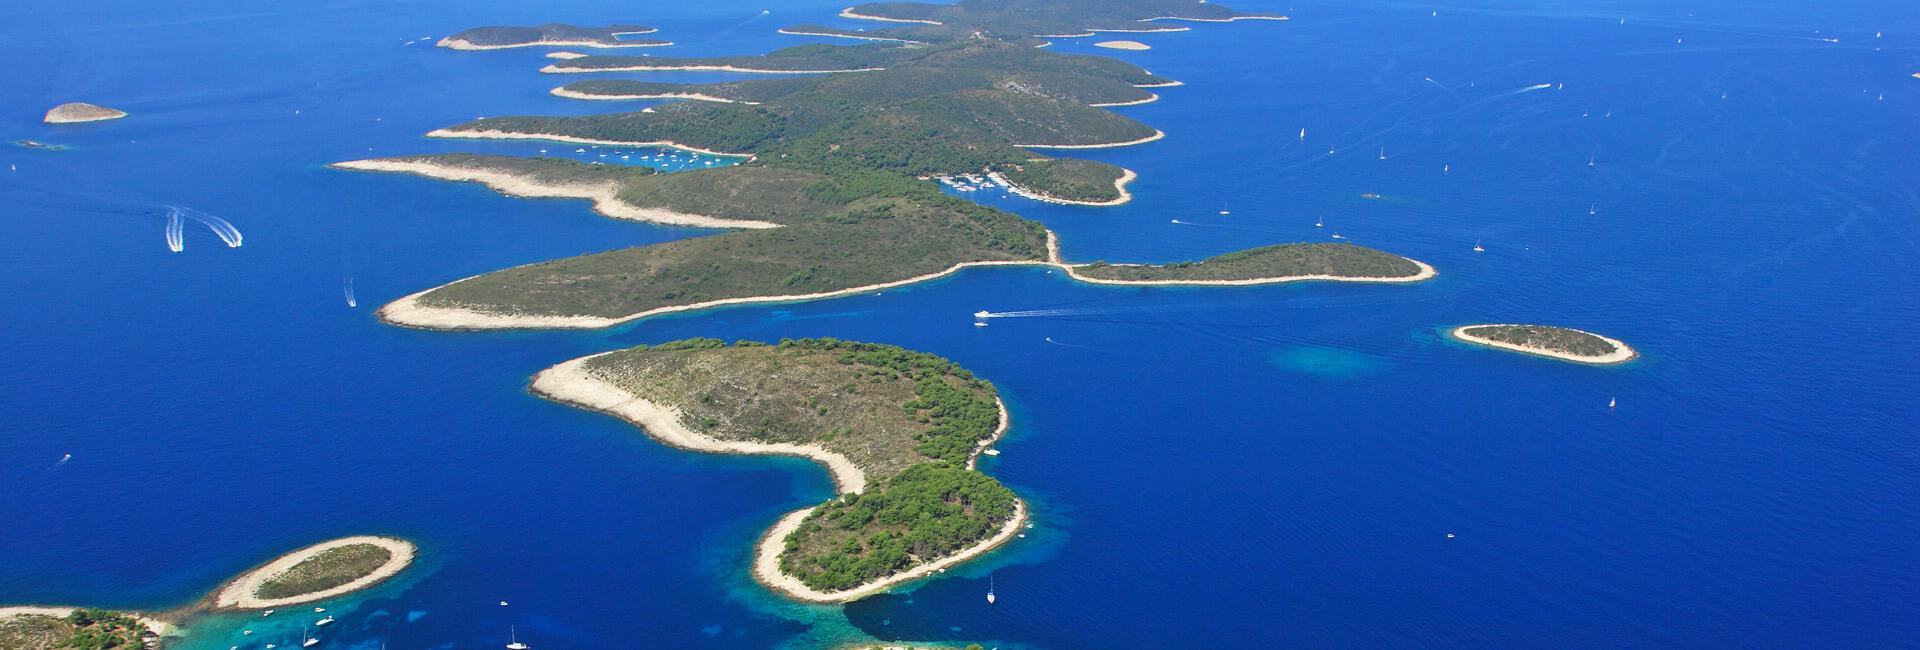 Hrvatski otoci | Adria Camps